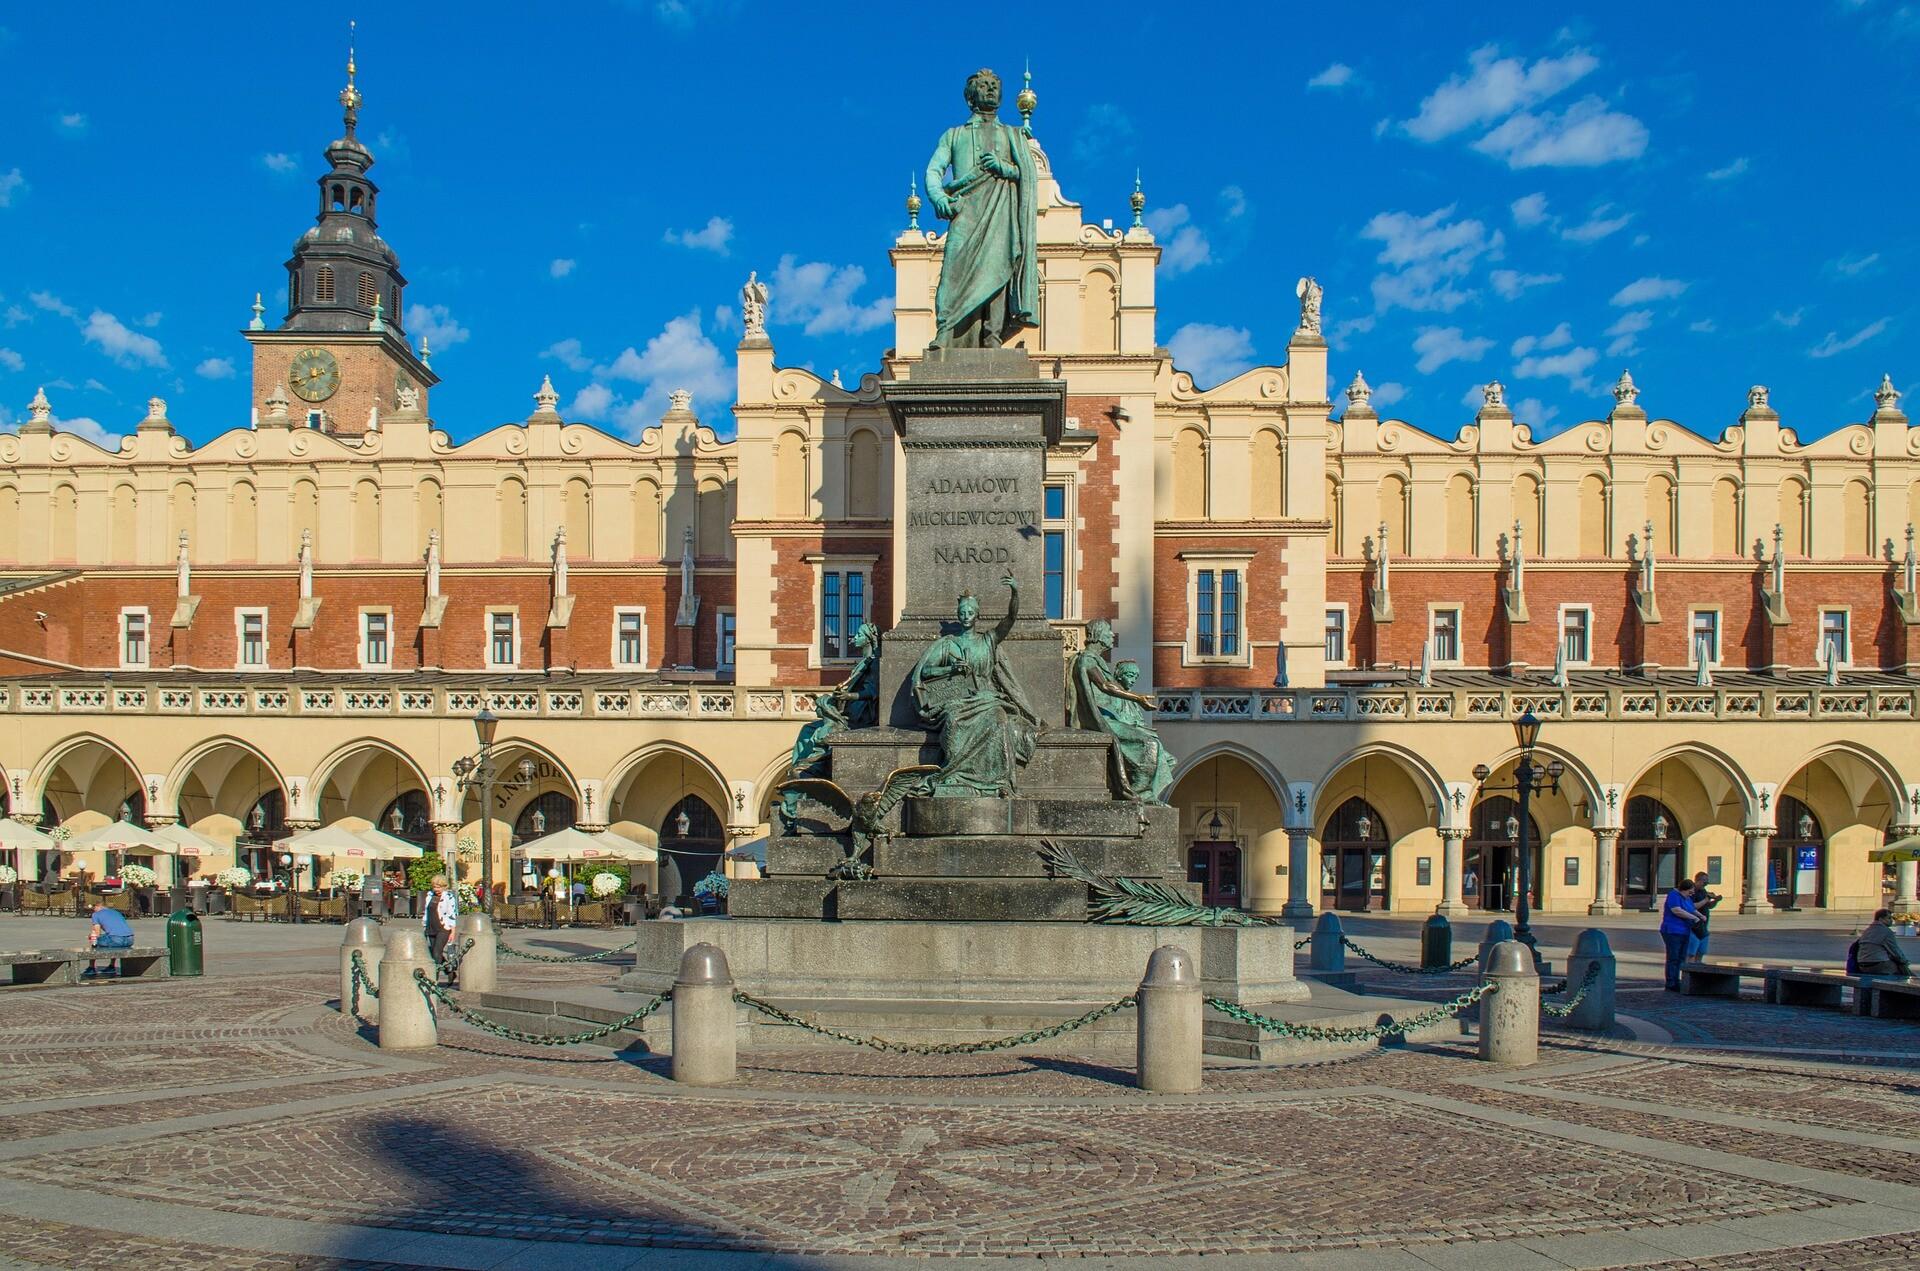 La mia esperienza come studente straniero a Cracovia, Polonia